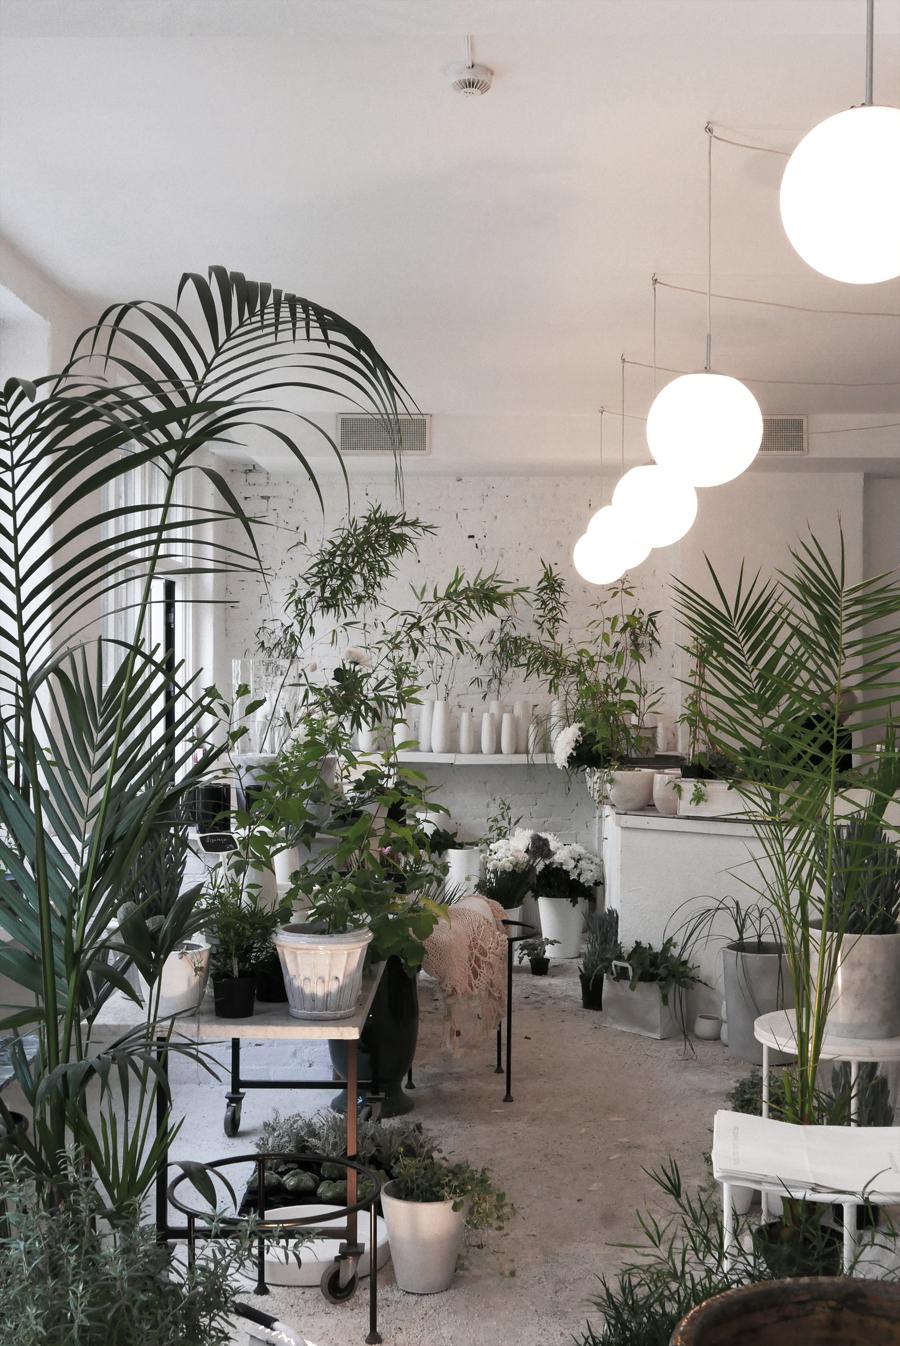 Luminaire Saint Martin D Heres planteinspirasjon fra mina milanda | elisabeth heier